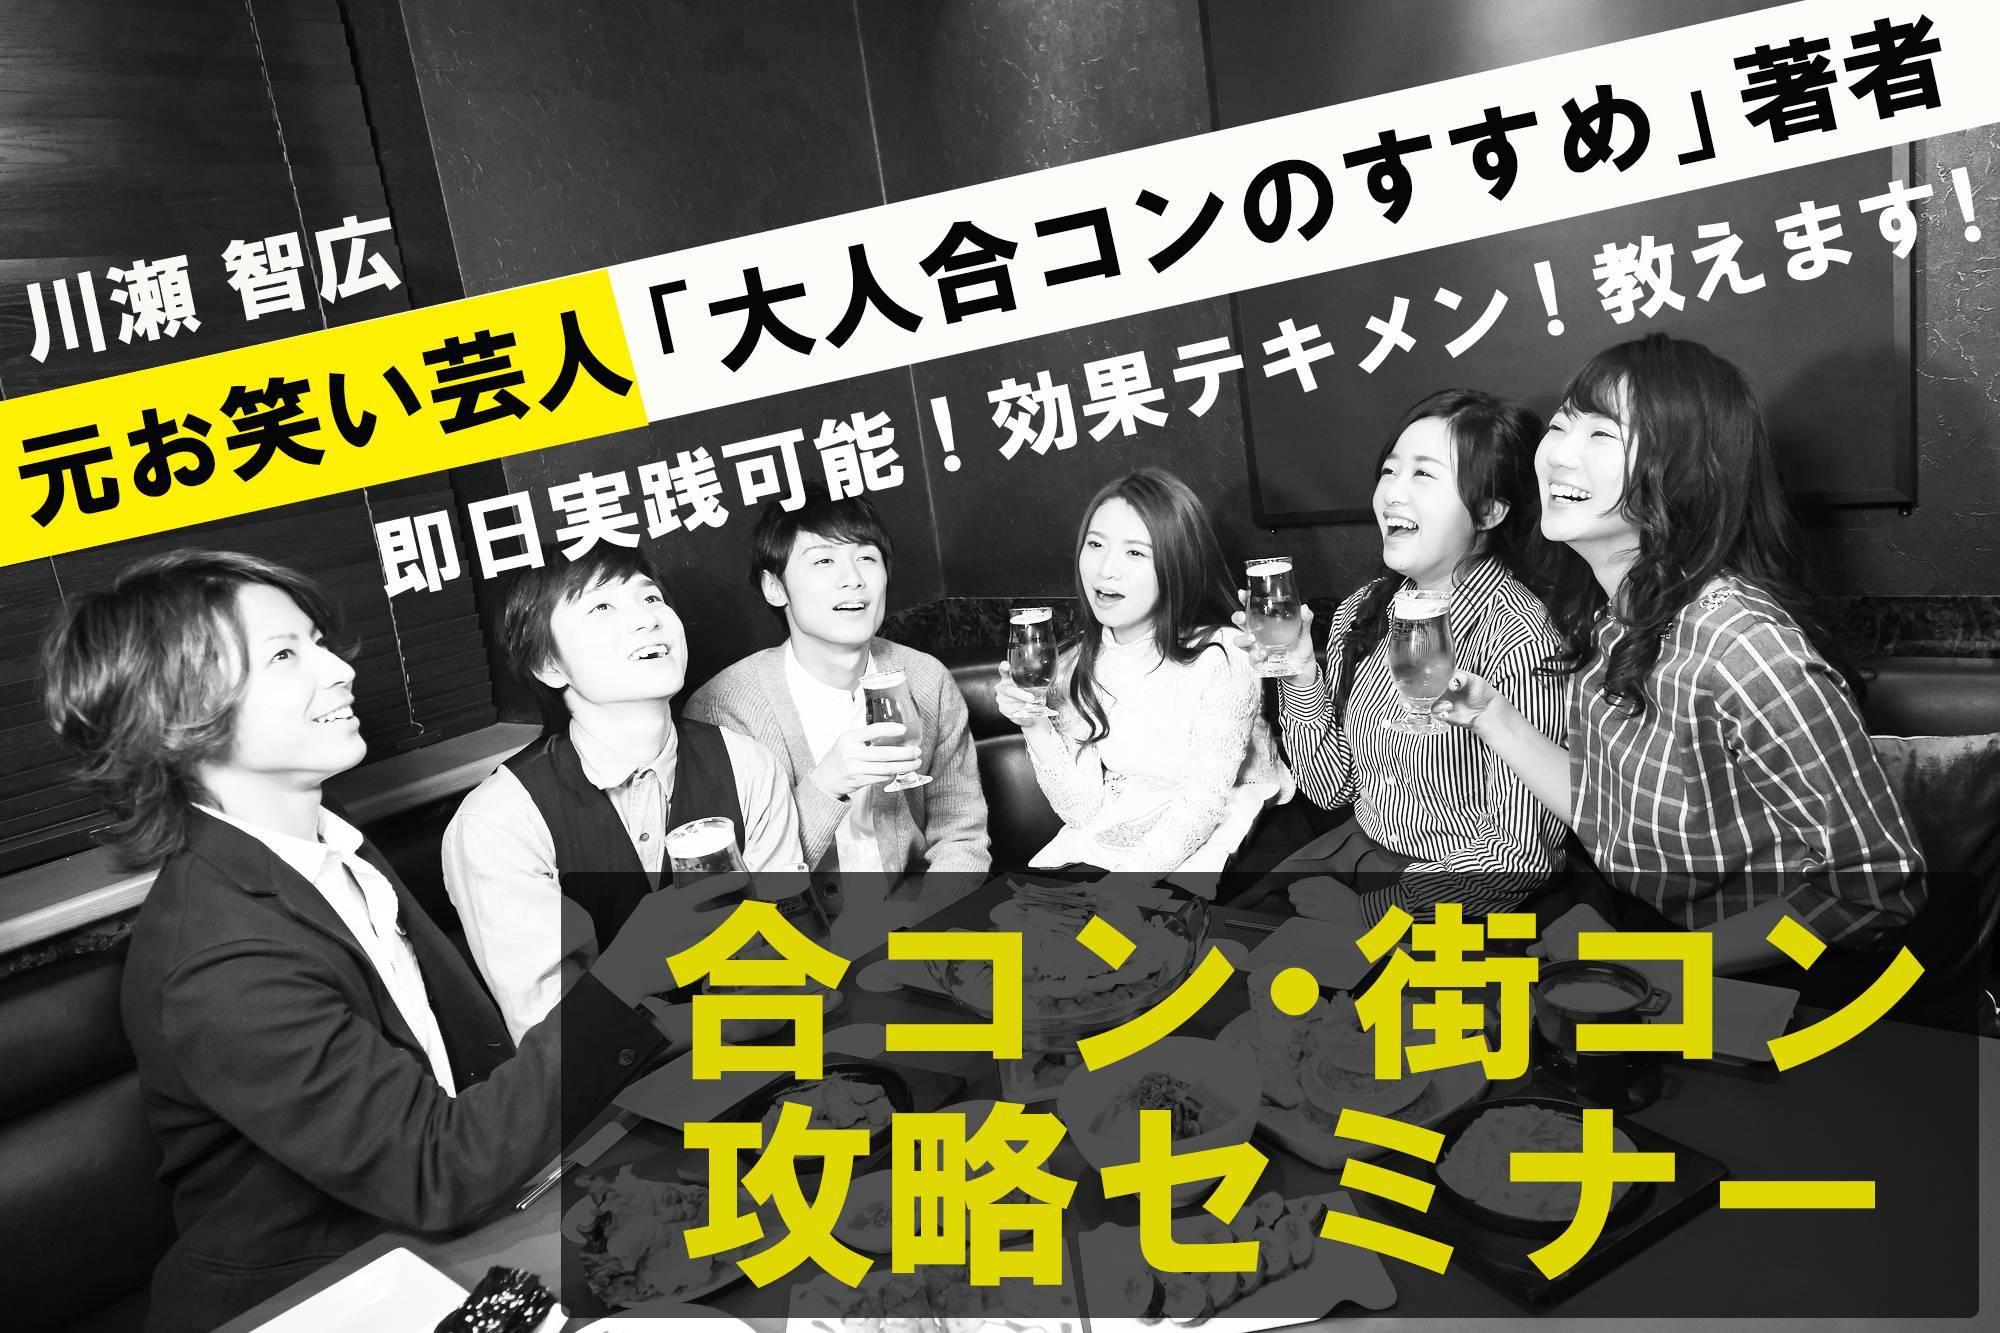 【赤坂の自分磨き】株式会社GiveGrow主催 2017年8月1日